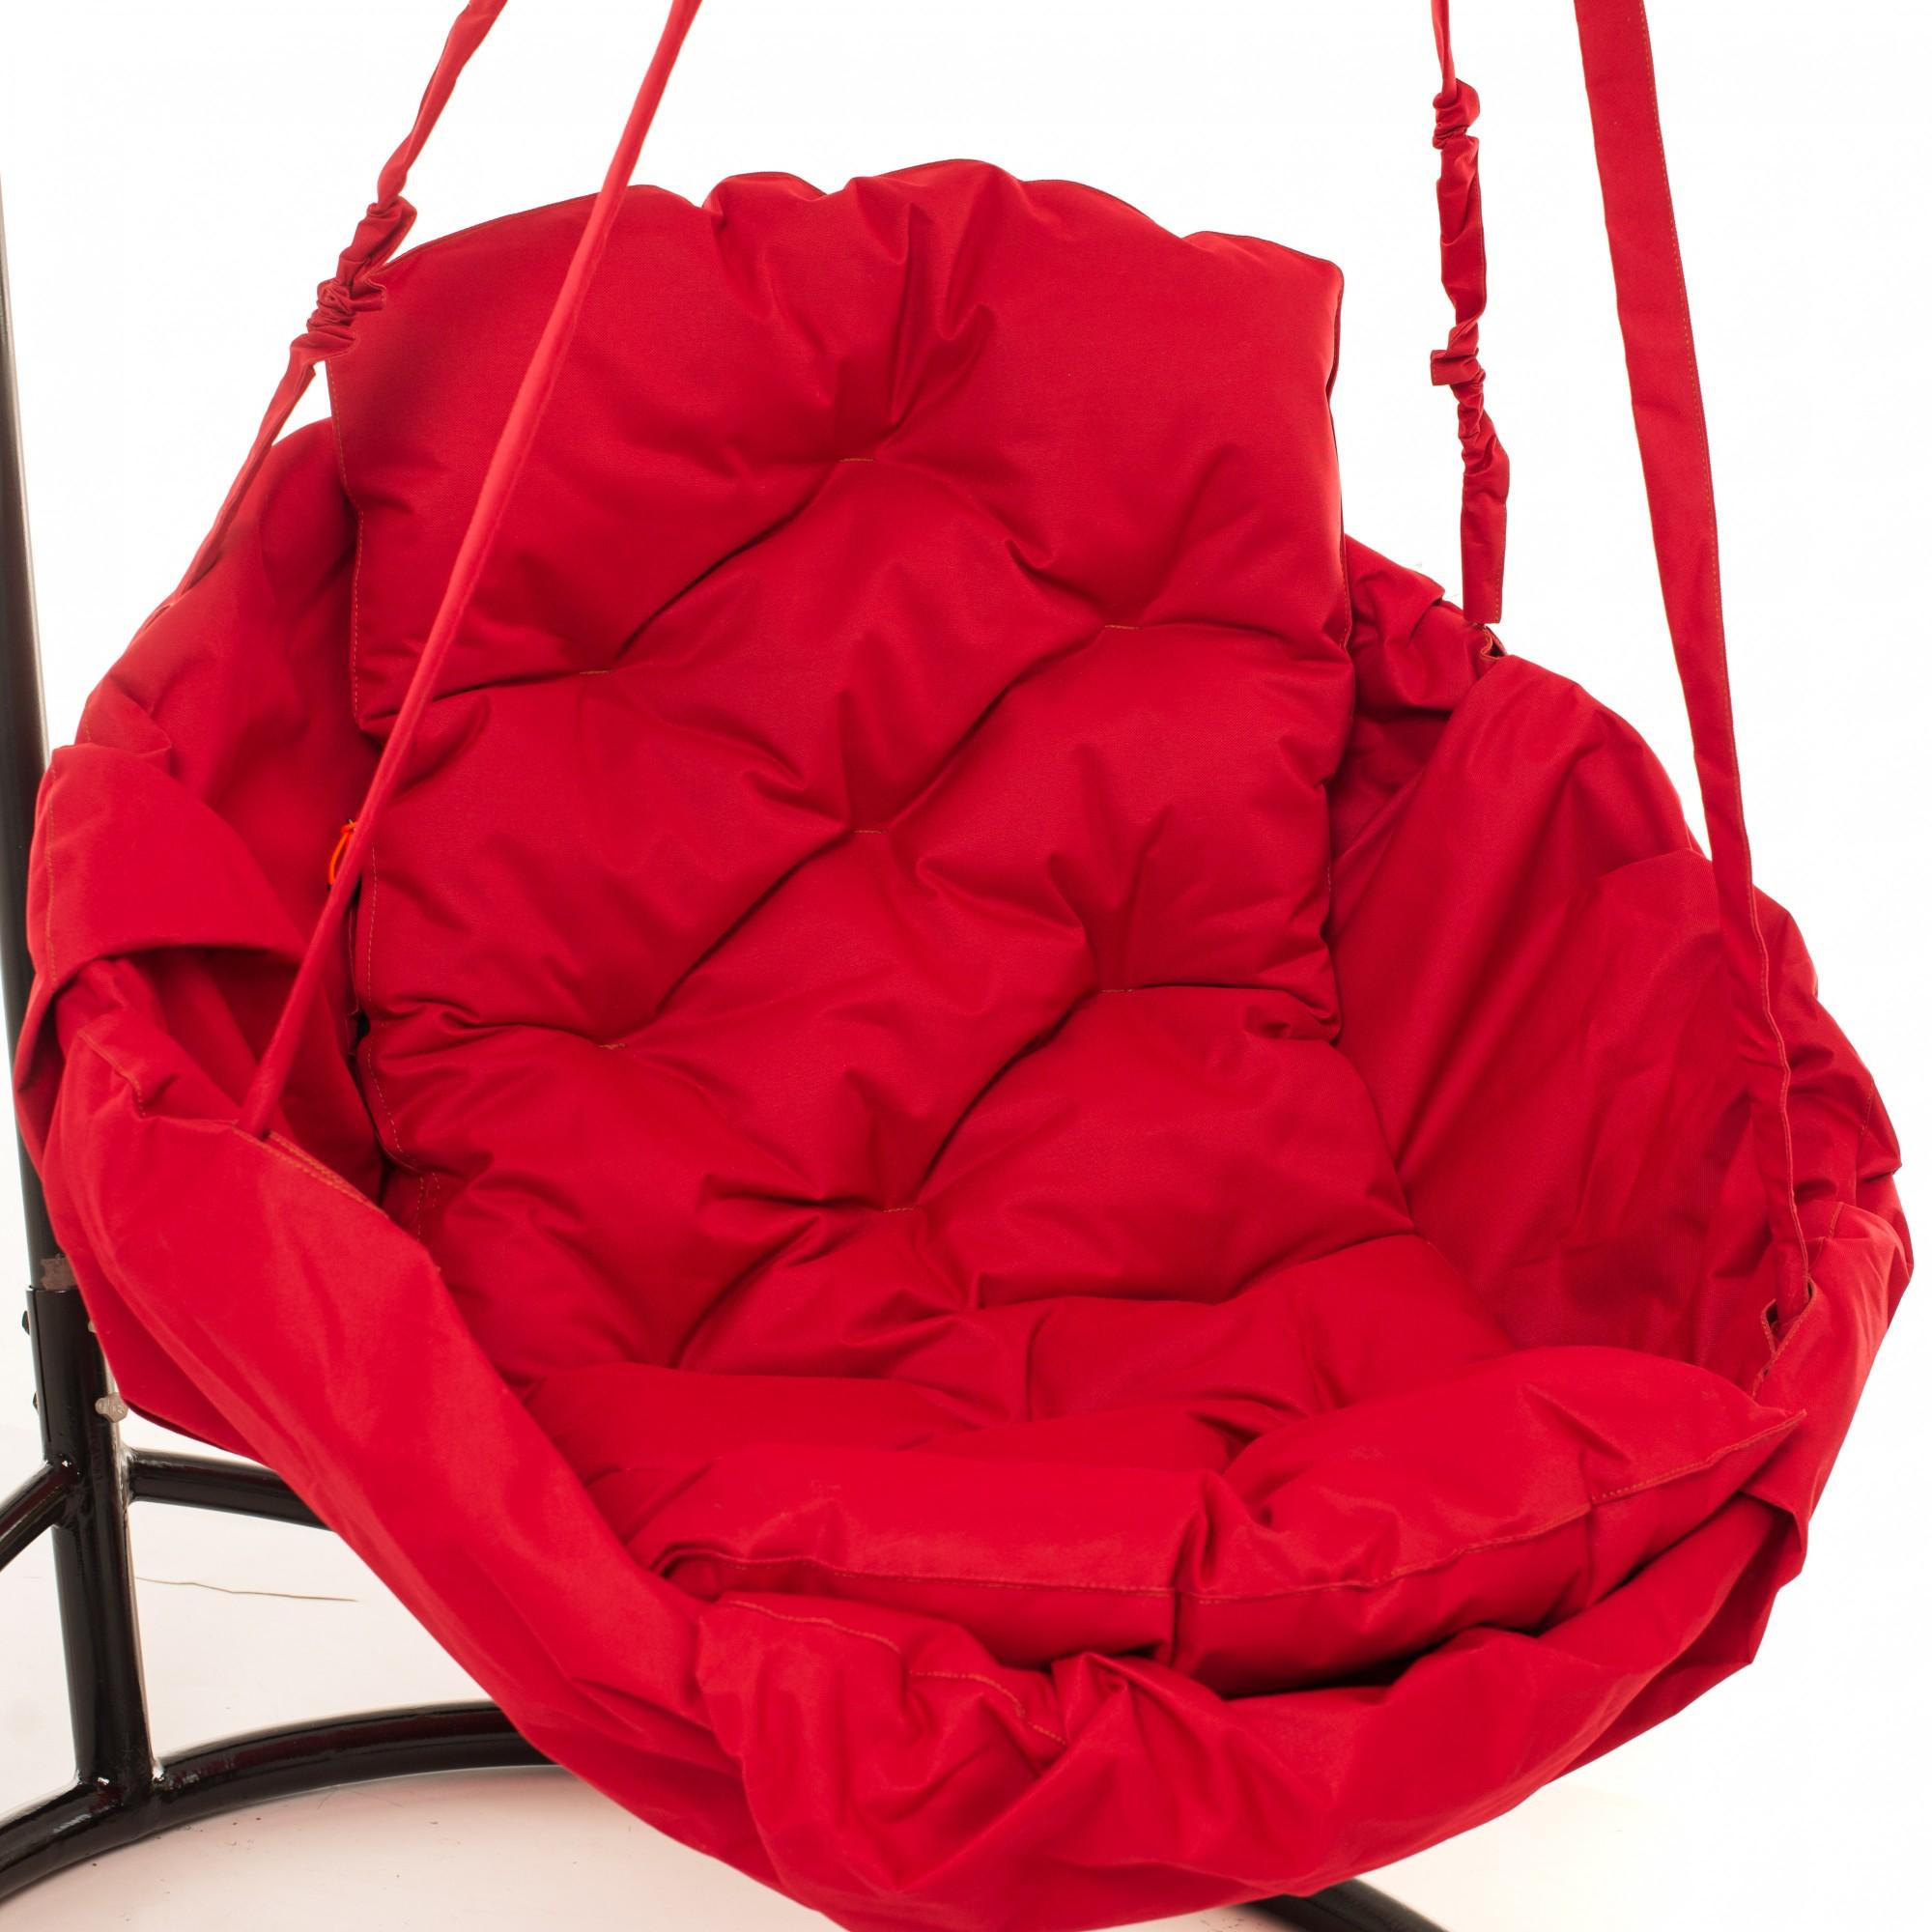 Кресло-качеля Reswing Standart 150 кг. без подставки Красный